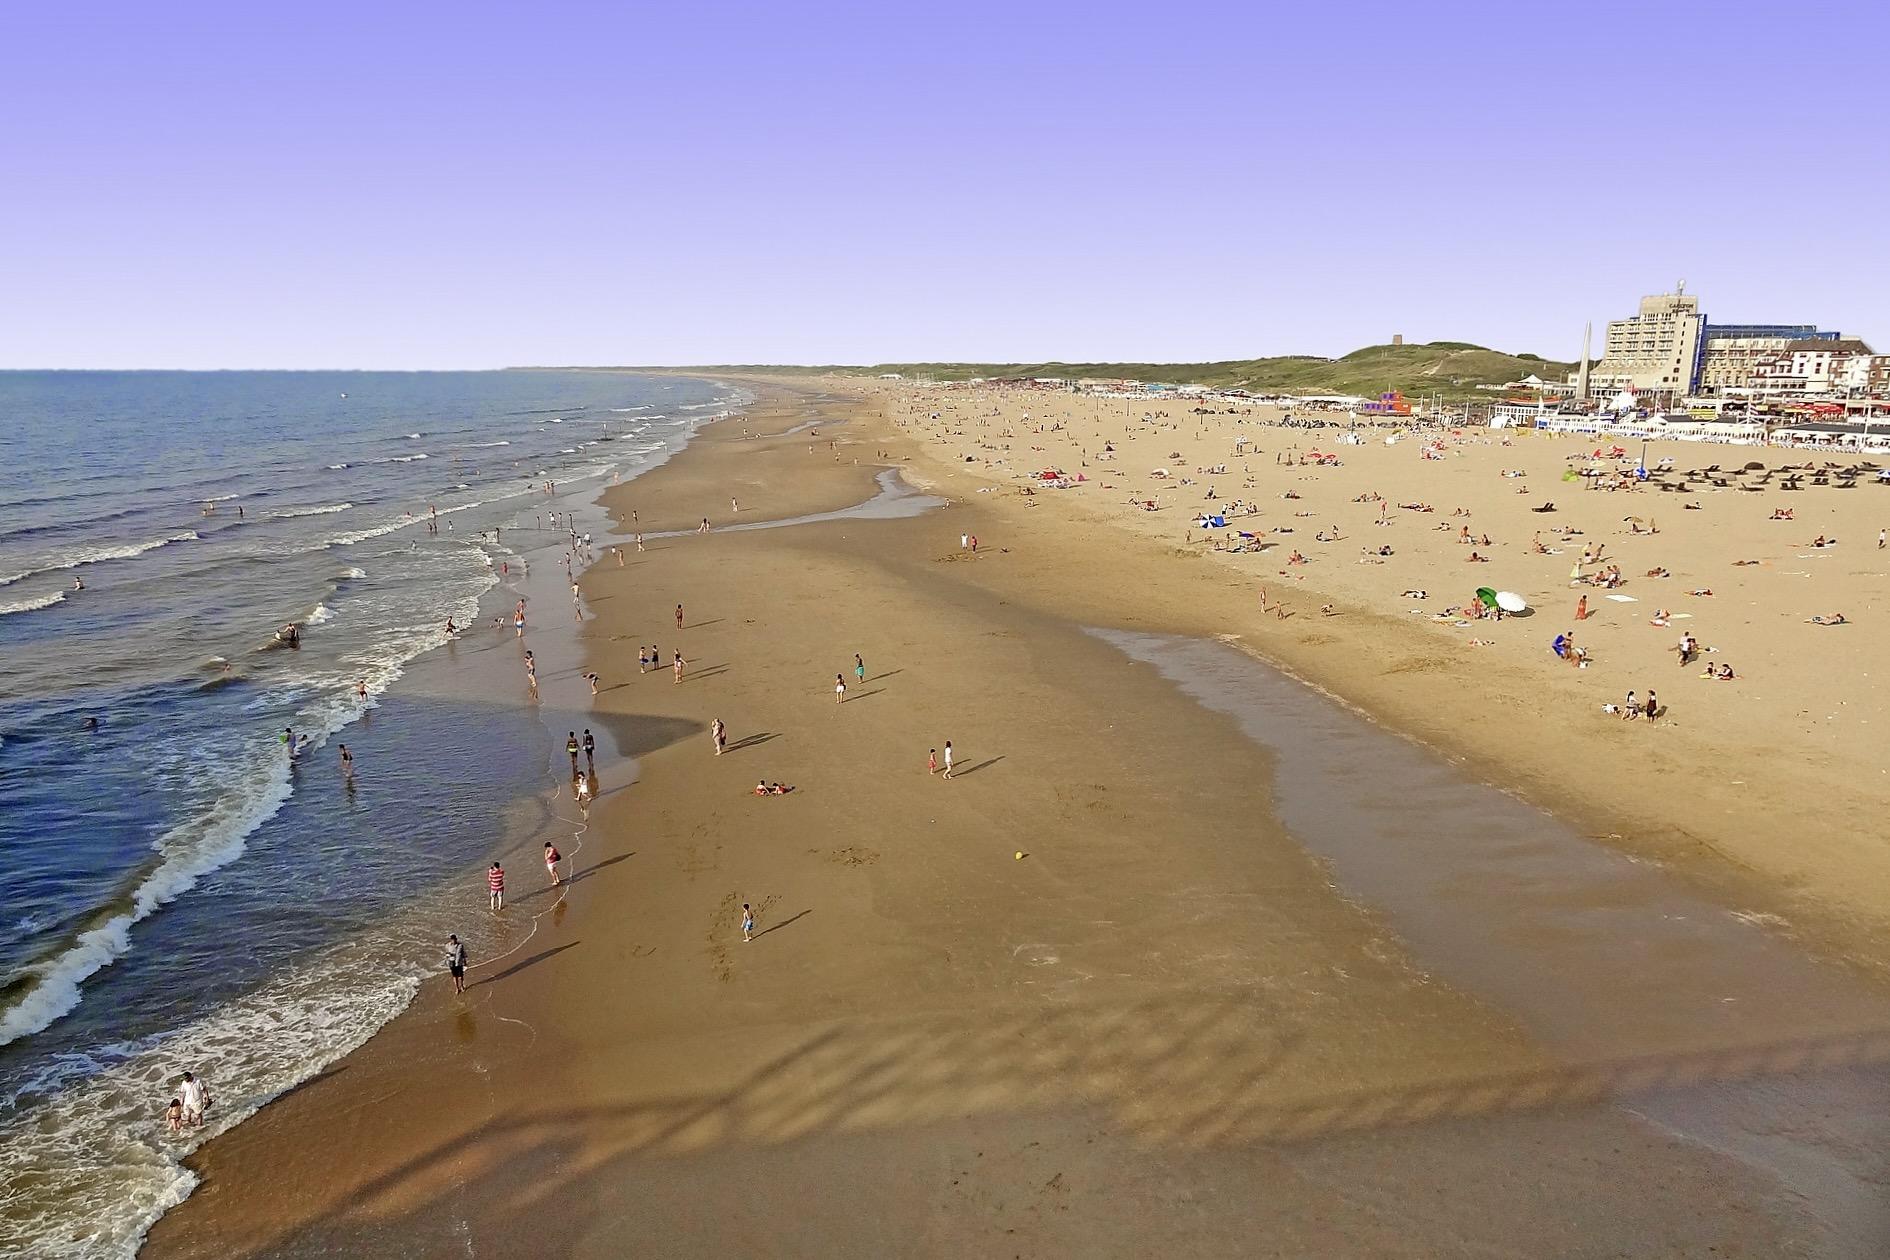 Der Strand von Kaiwijk an Zee